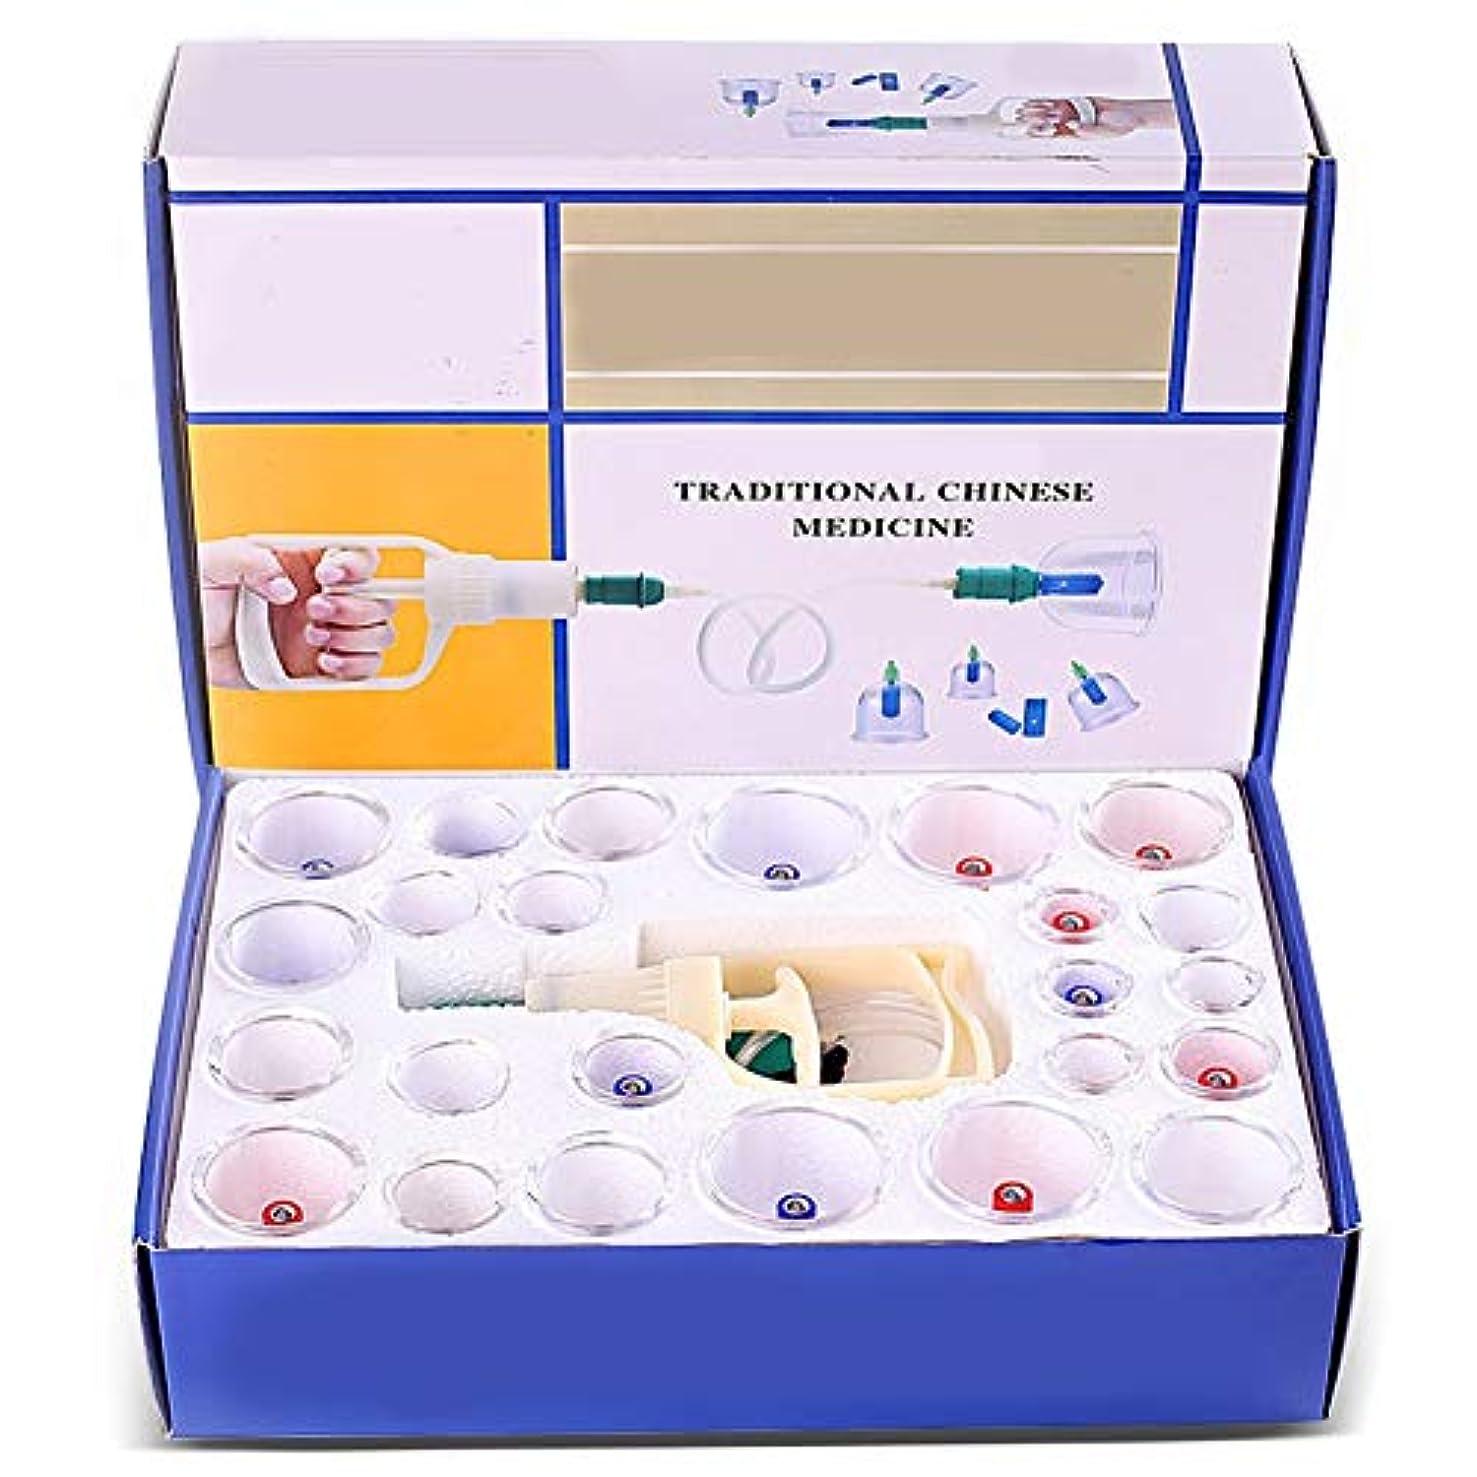 仕方宣言するペストリーカッピングセットプラスチック、プレミアム透明プラスチック中国のツボカッピング療法、ポータブルパッケージ、ボディマッサージの痛みを軽減する理学療法24カップ